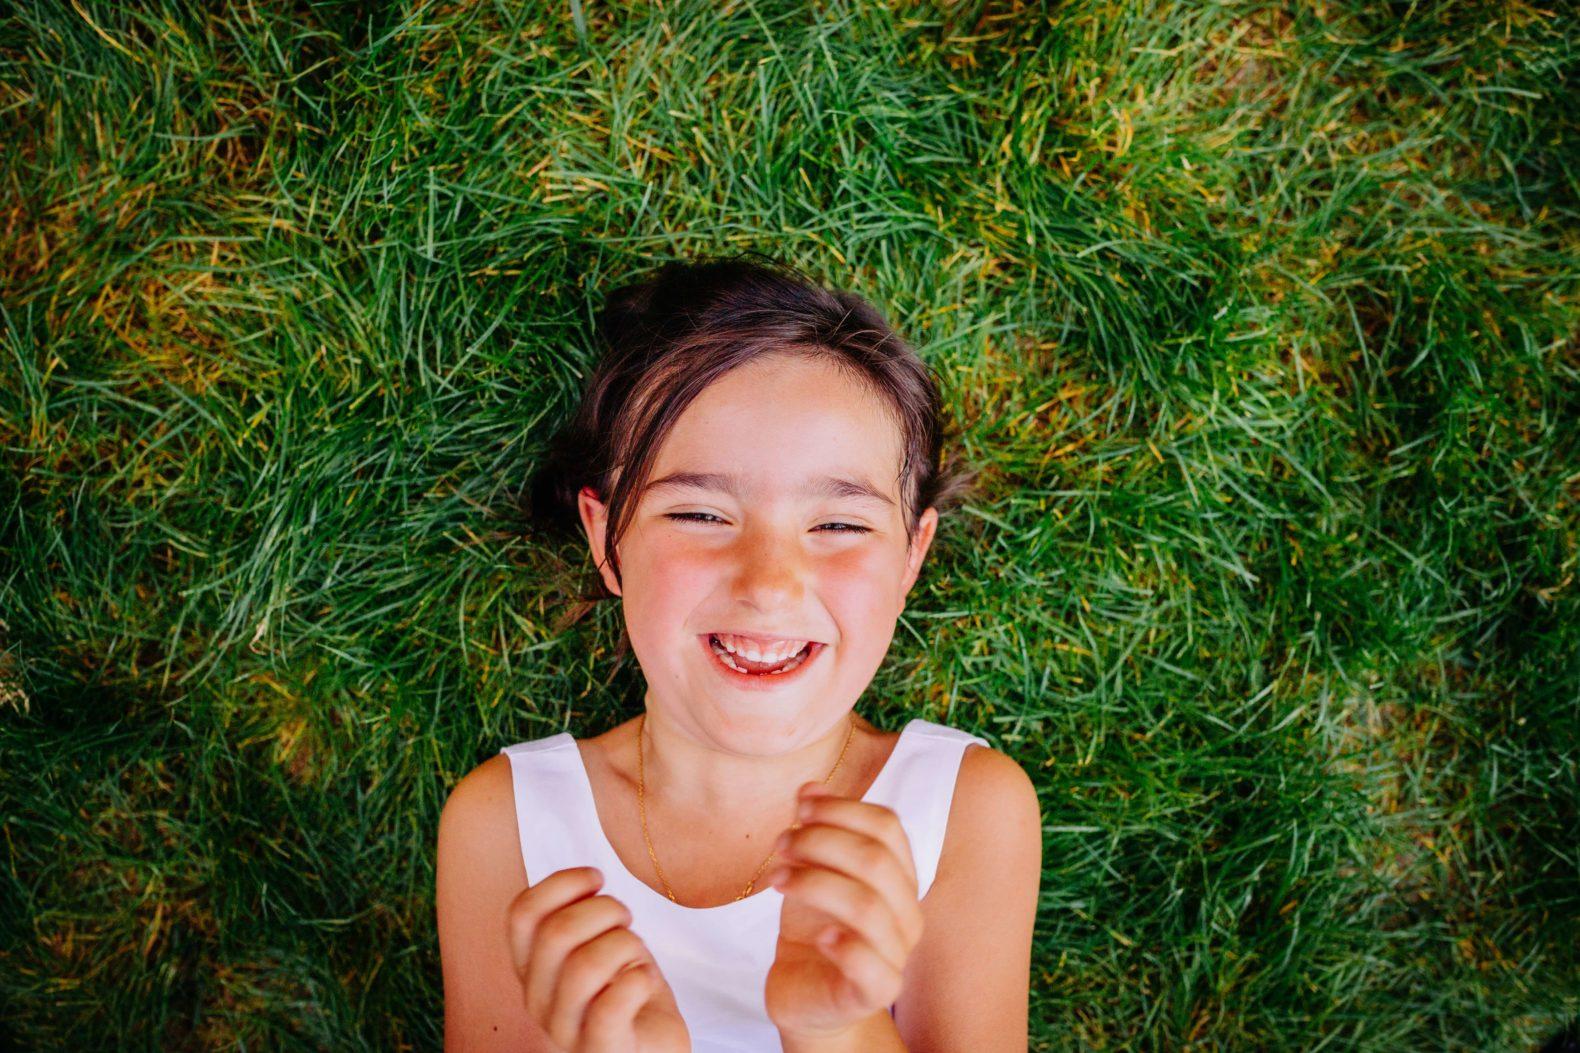 photographe famille enfant toulouse occitanie